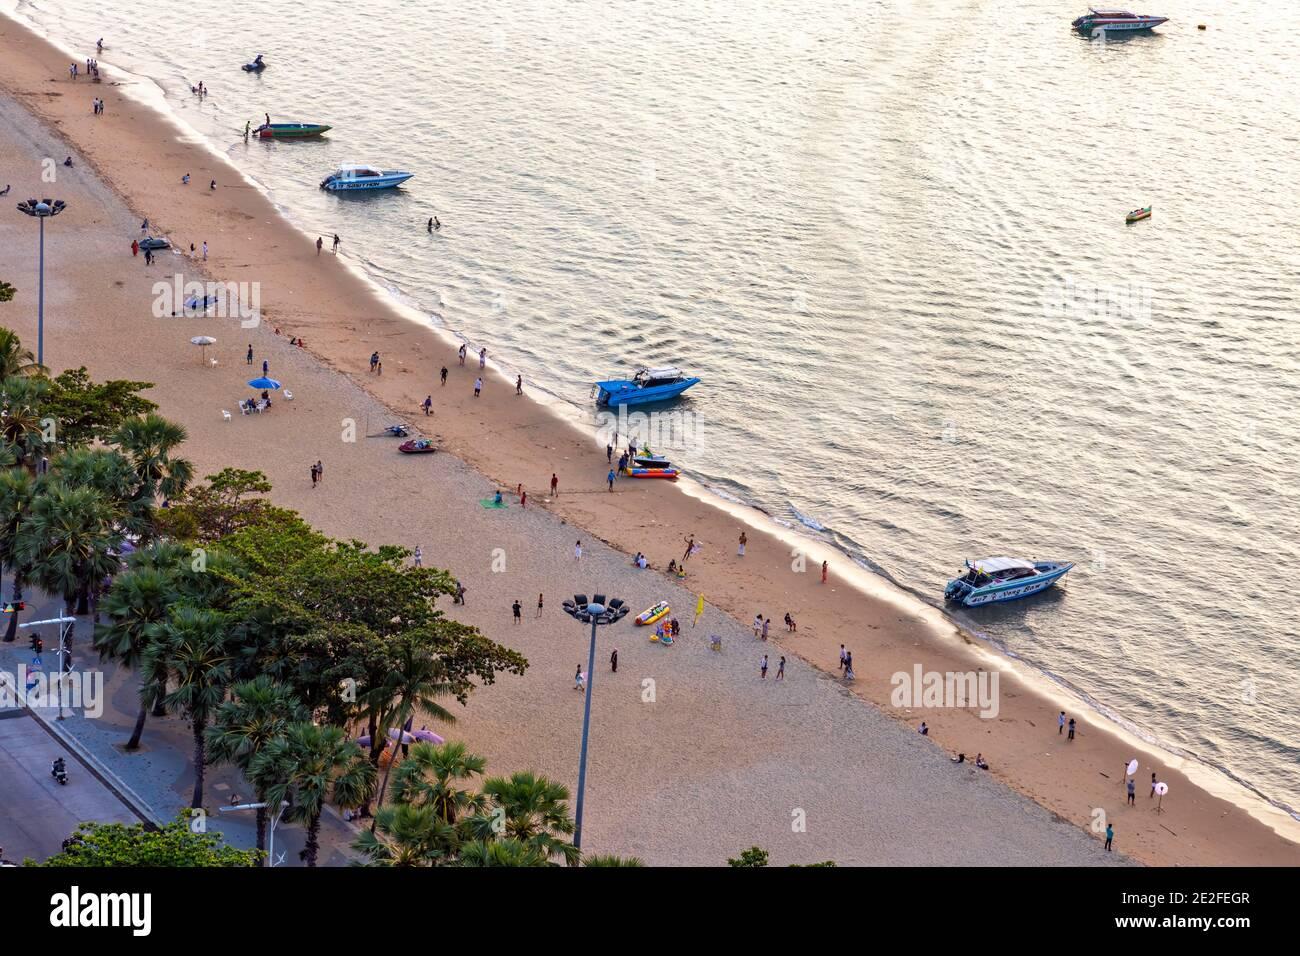 Scène de plage en soirée, Pattaya, Chon Buri, Thaïlande Banque D'Images